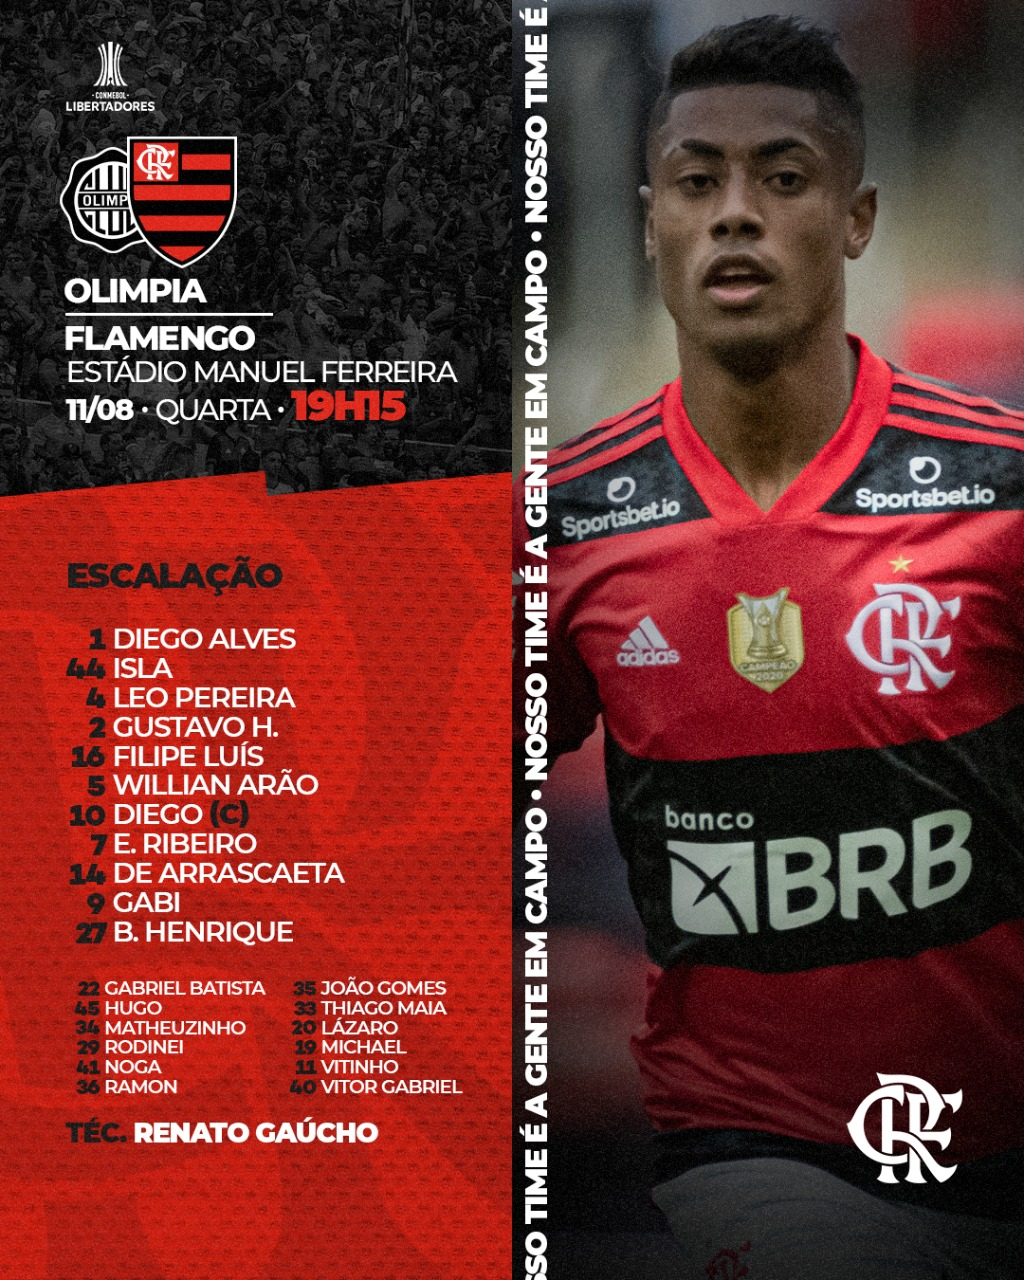 Flamengo escalado para pegar o Olimpia pelas quartas de final da Libertadores